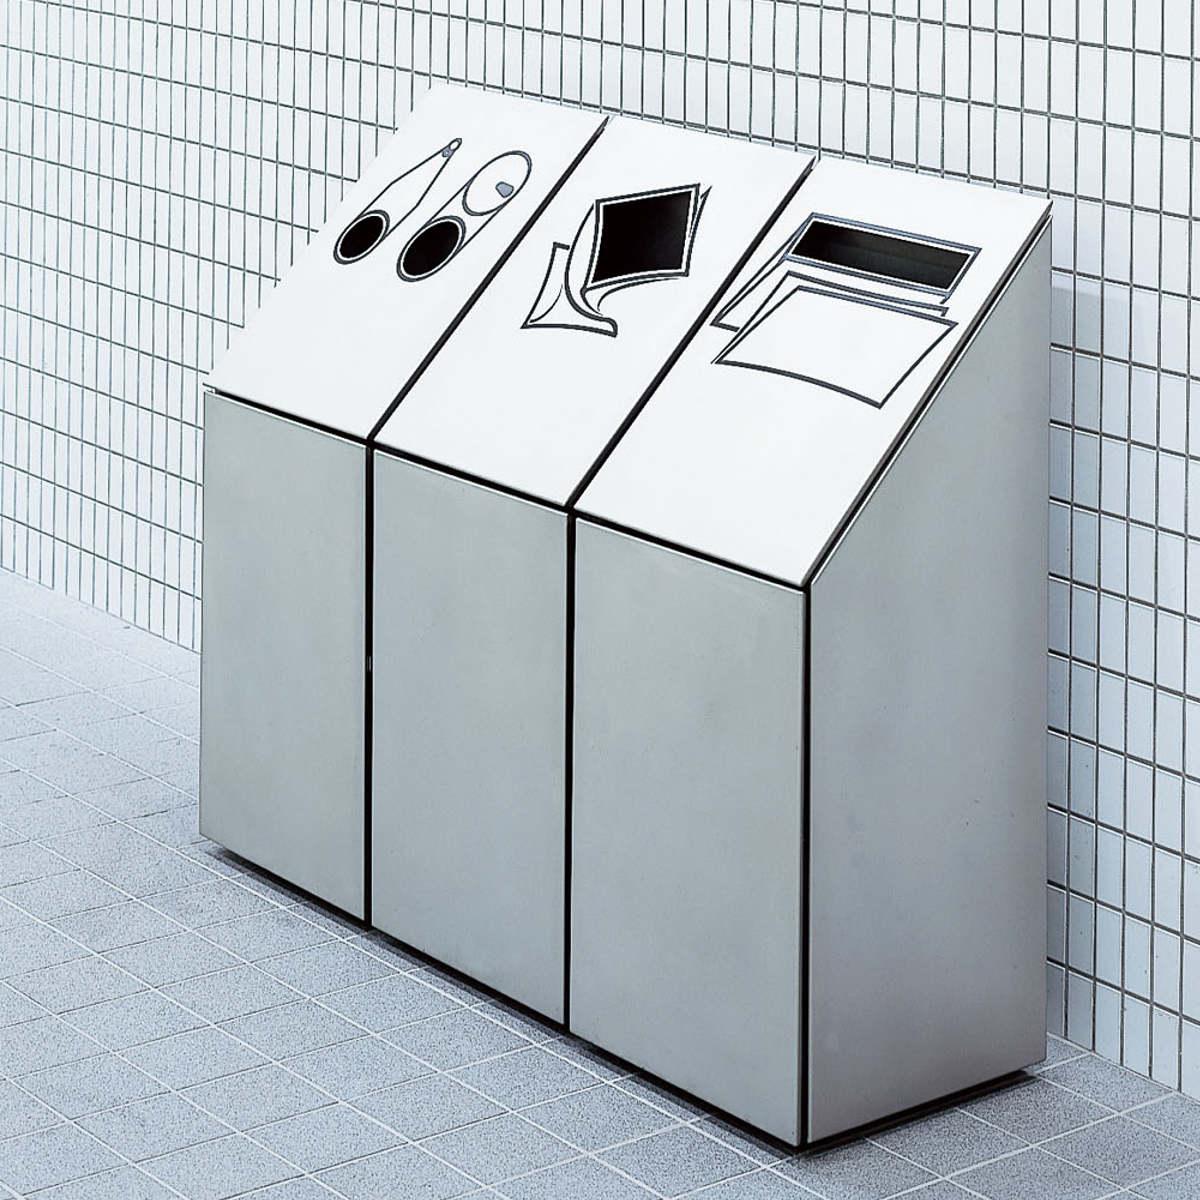 ゴミ箱 ダストボックス分別 NK-4245 3連 送料無料 【3900円以上送料無料】